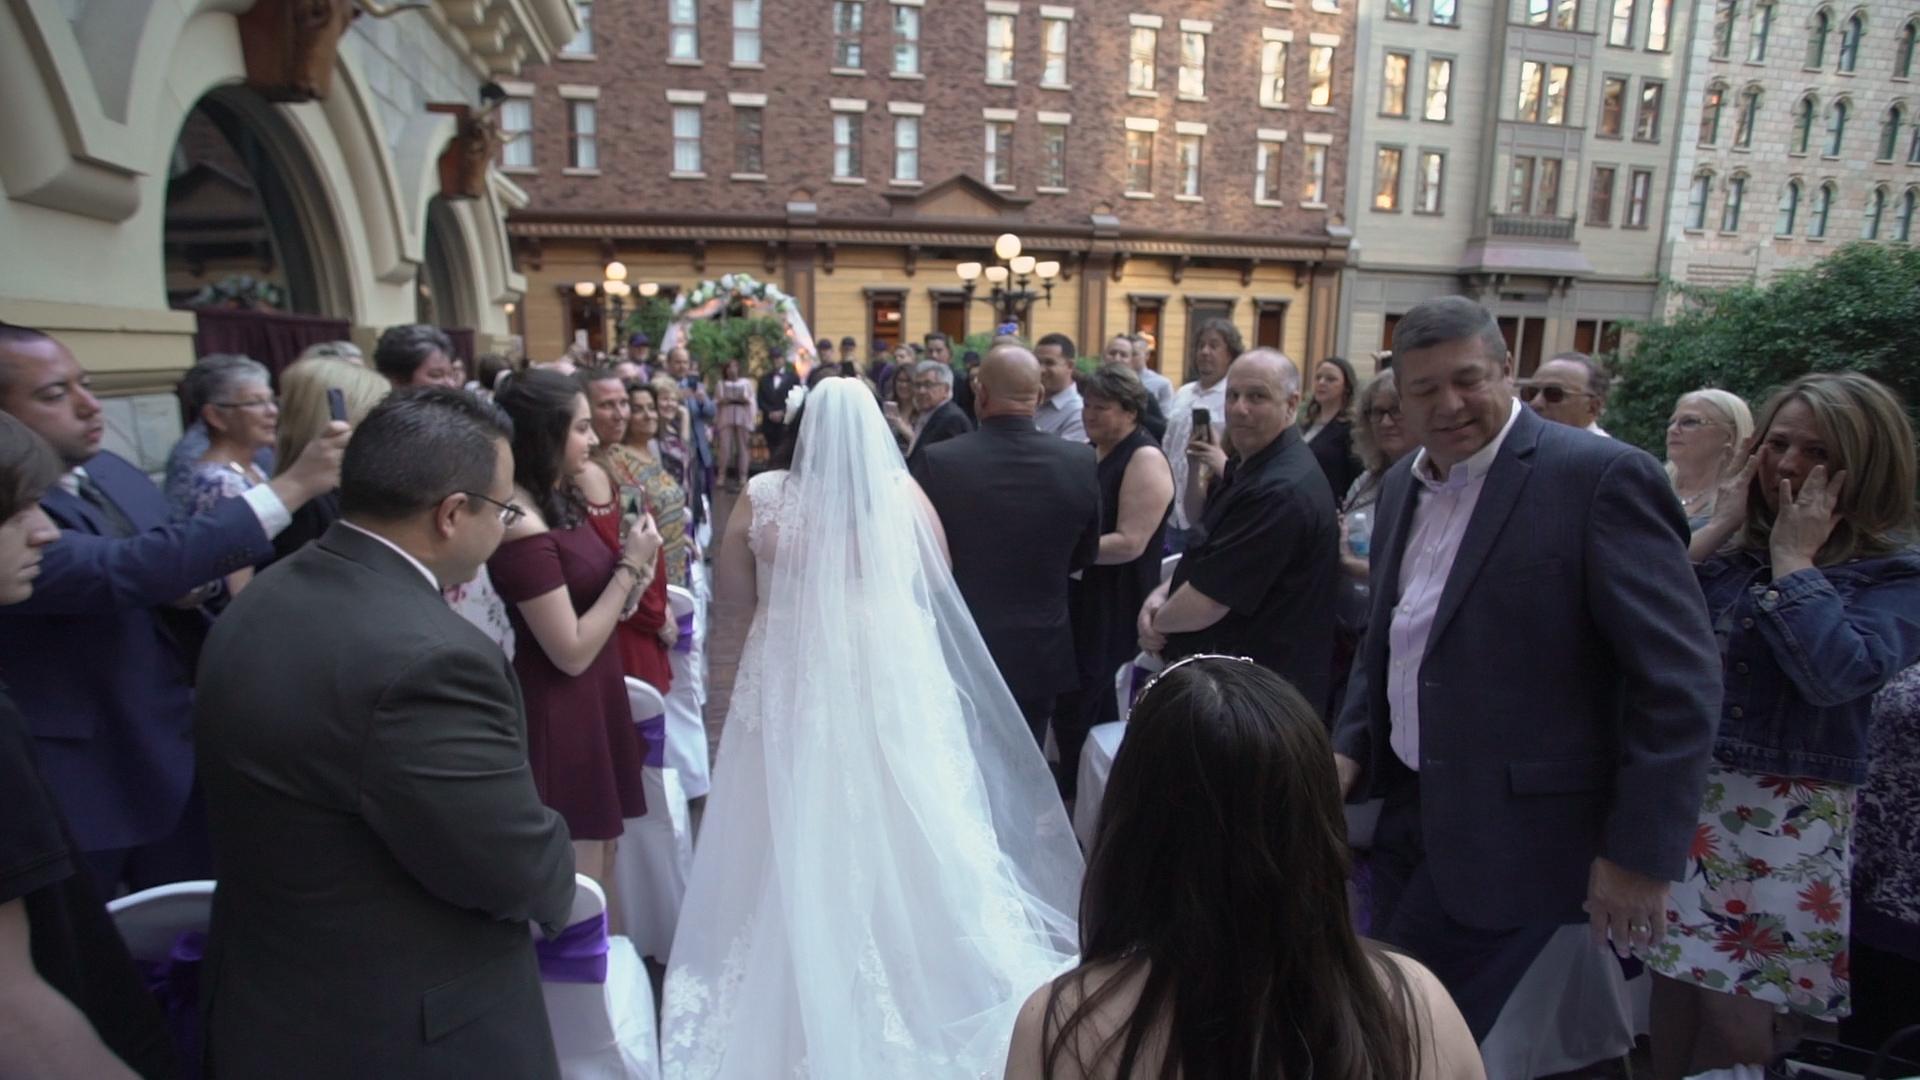 Dariana Anthony Wedding 2018.00_21_00_06.Still003.jpg